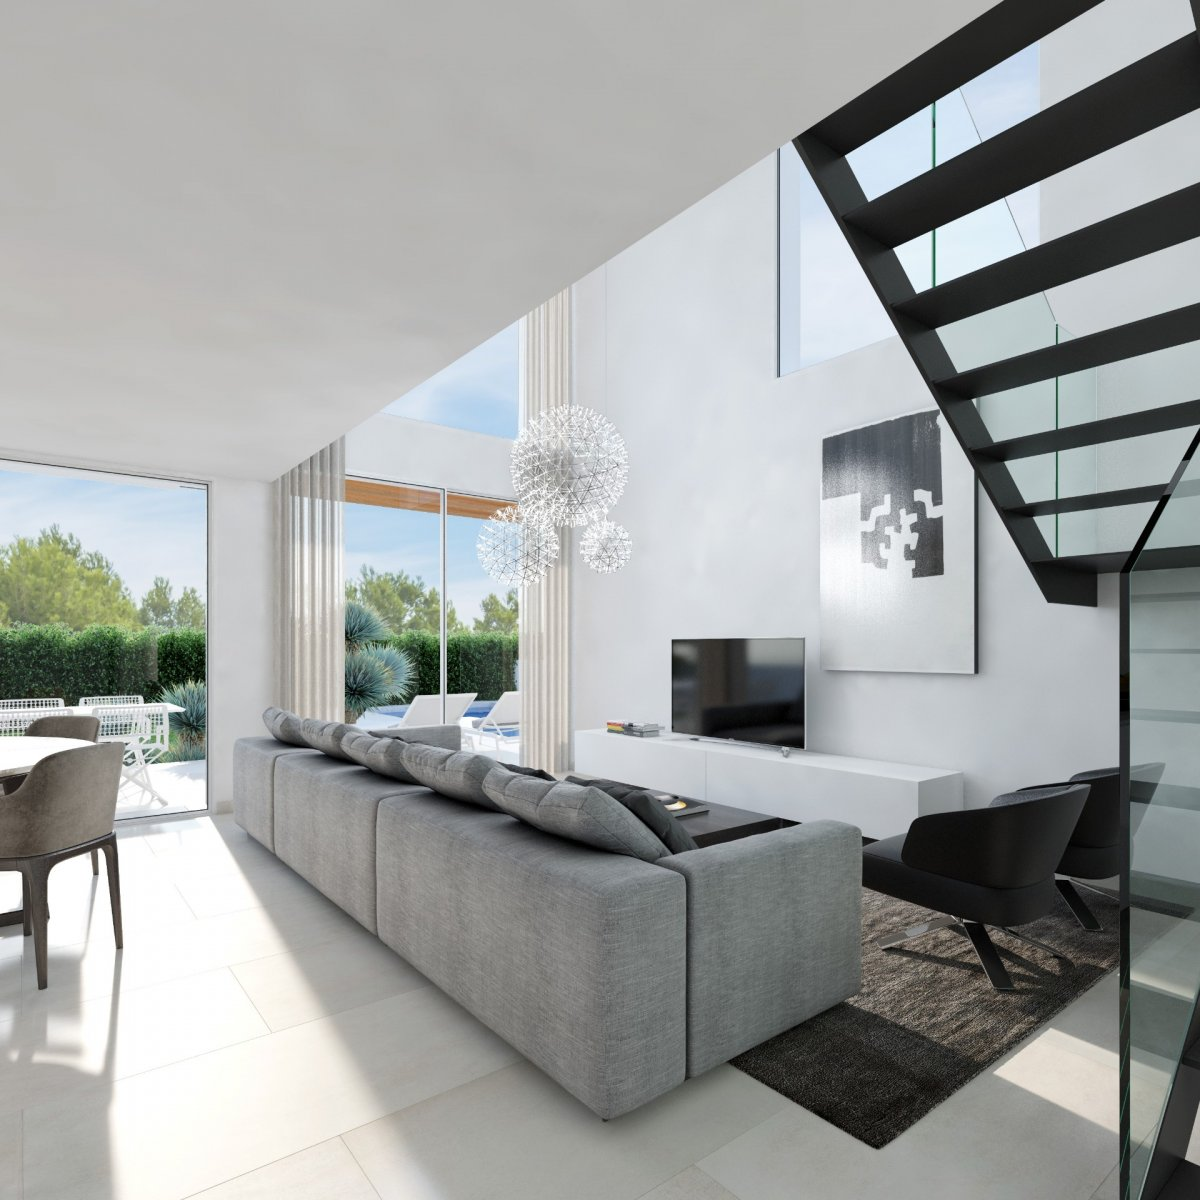 Villas independientes con piscina en Sierra Cortina, Finestrat - Keysol Property S.L.